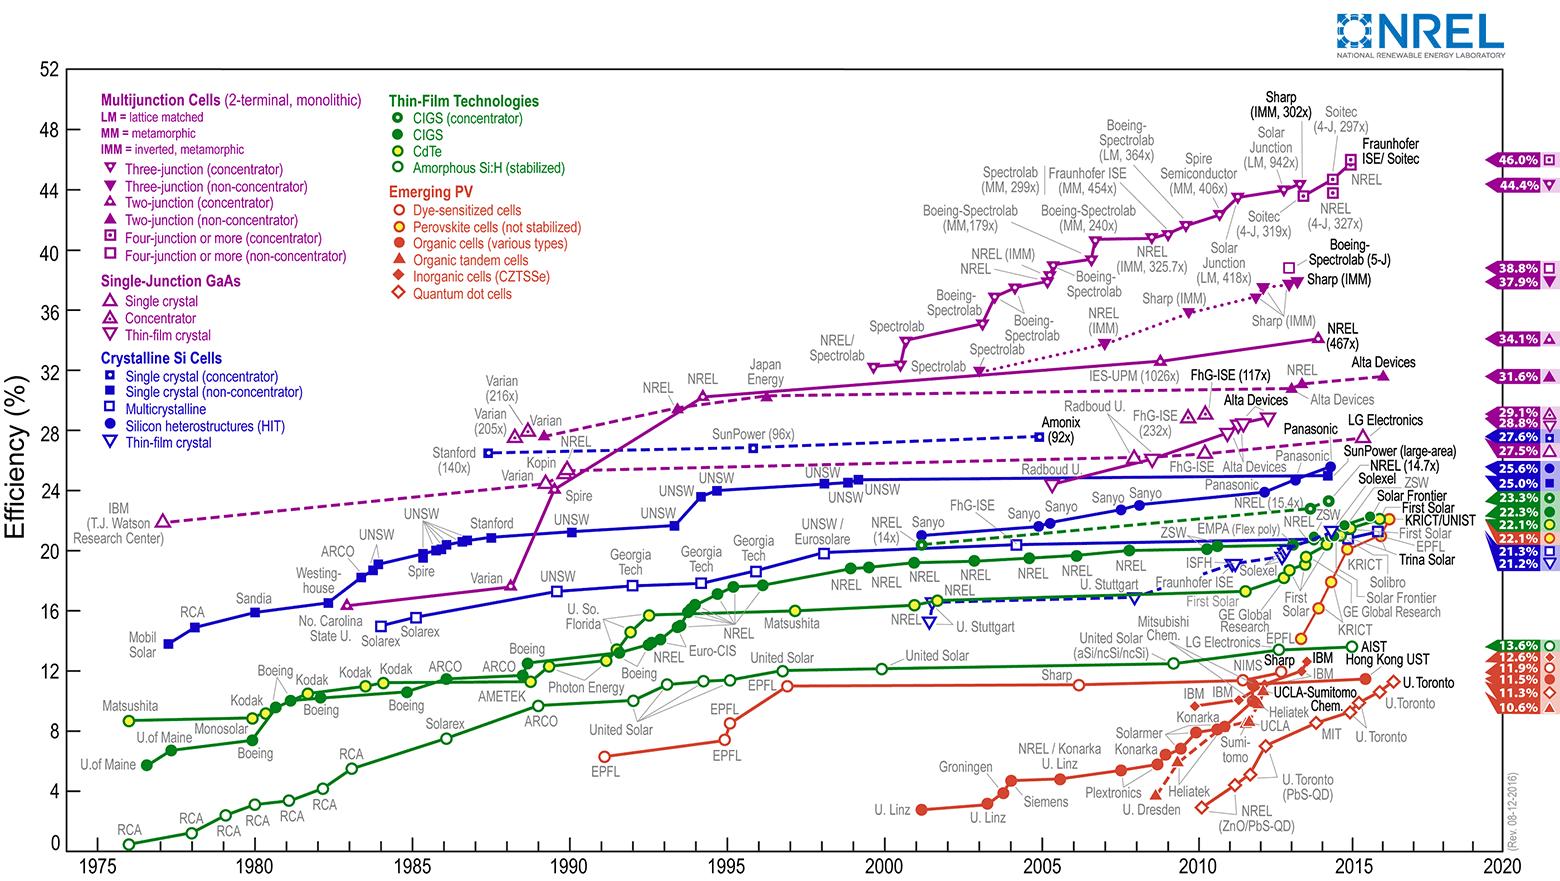 КПД фотоэлементов с нанопроволокой подняли до 17,8% - 3